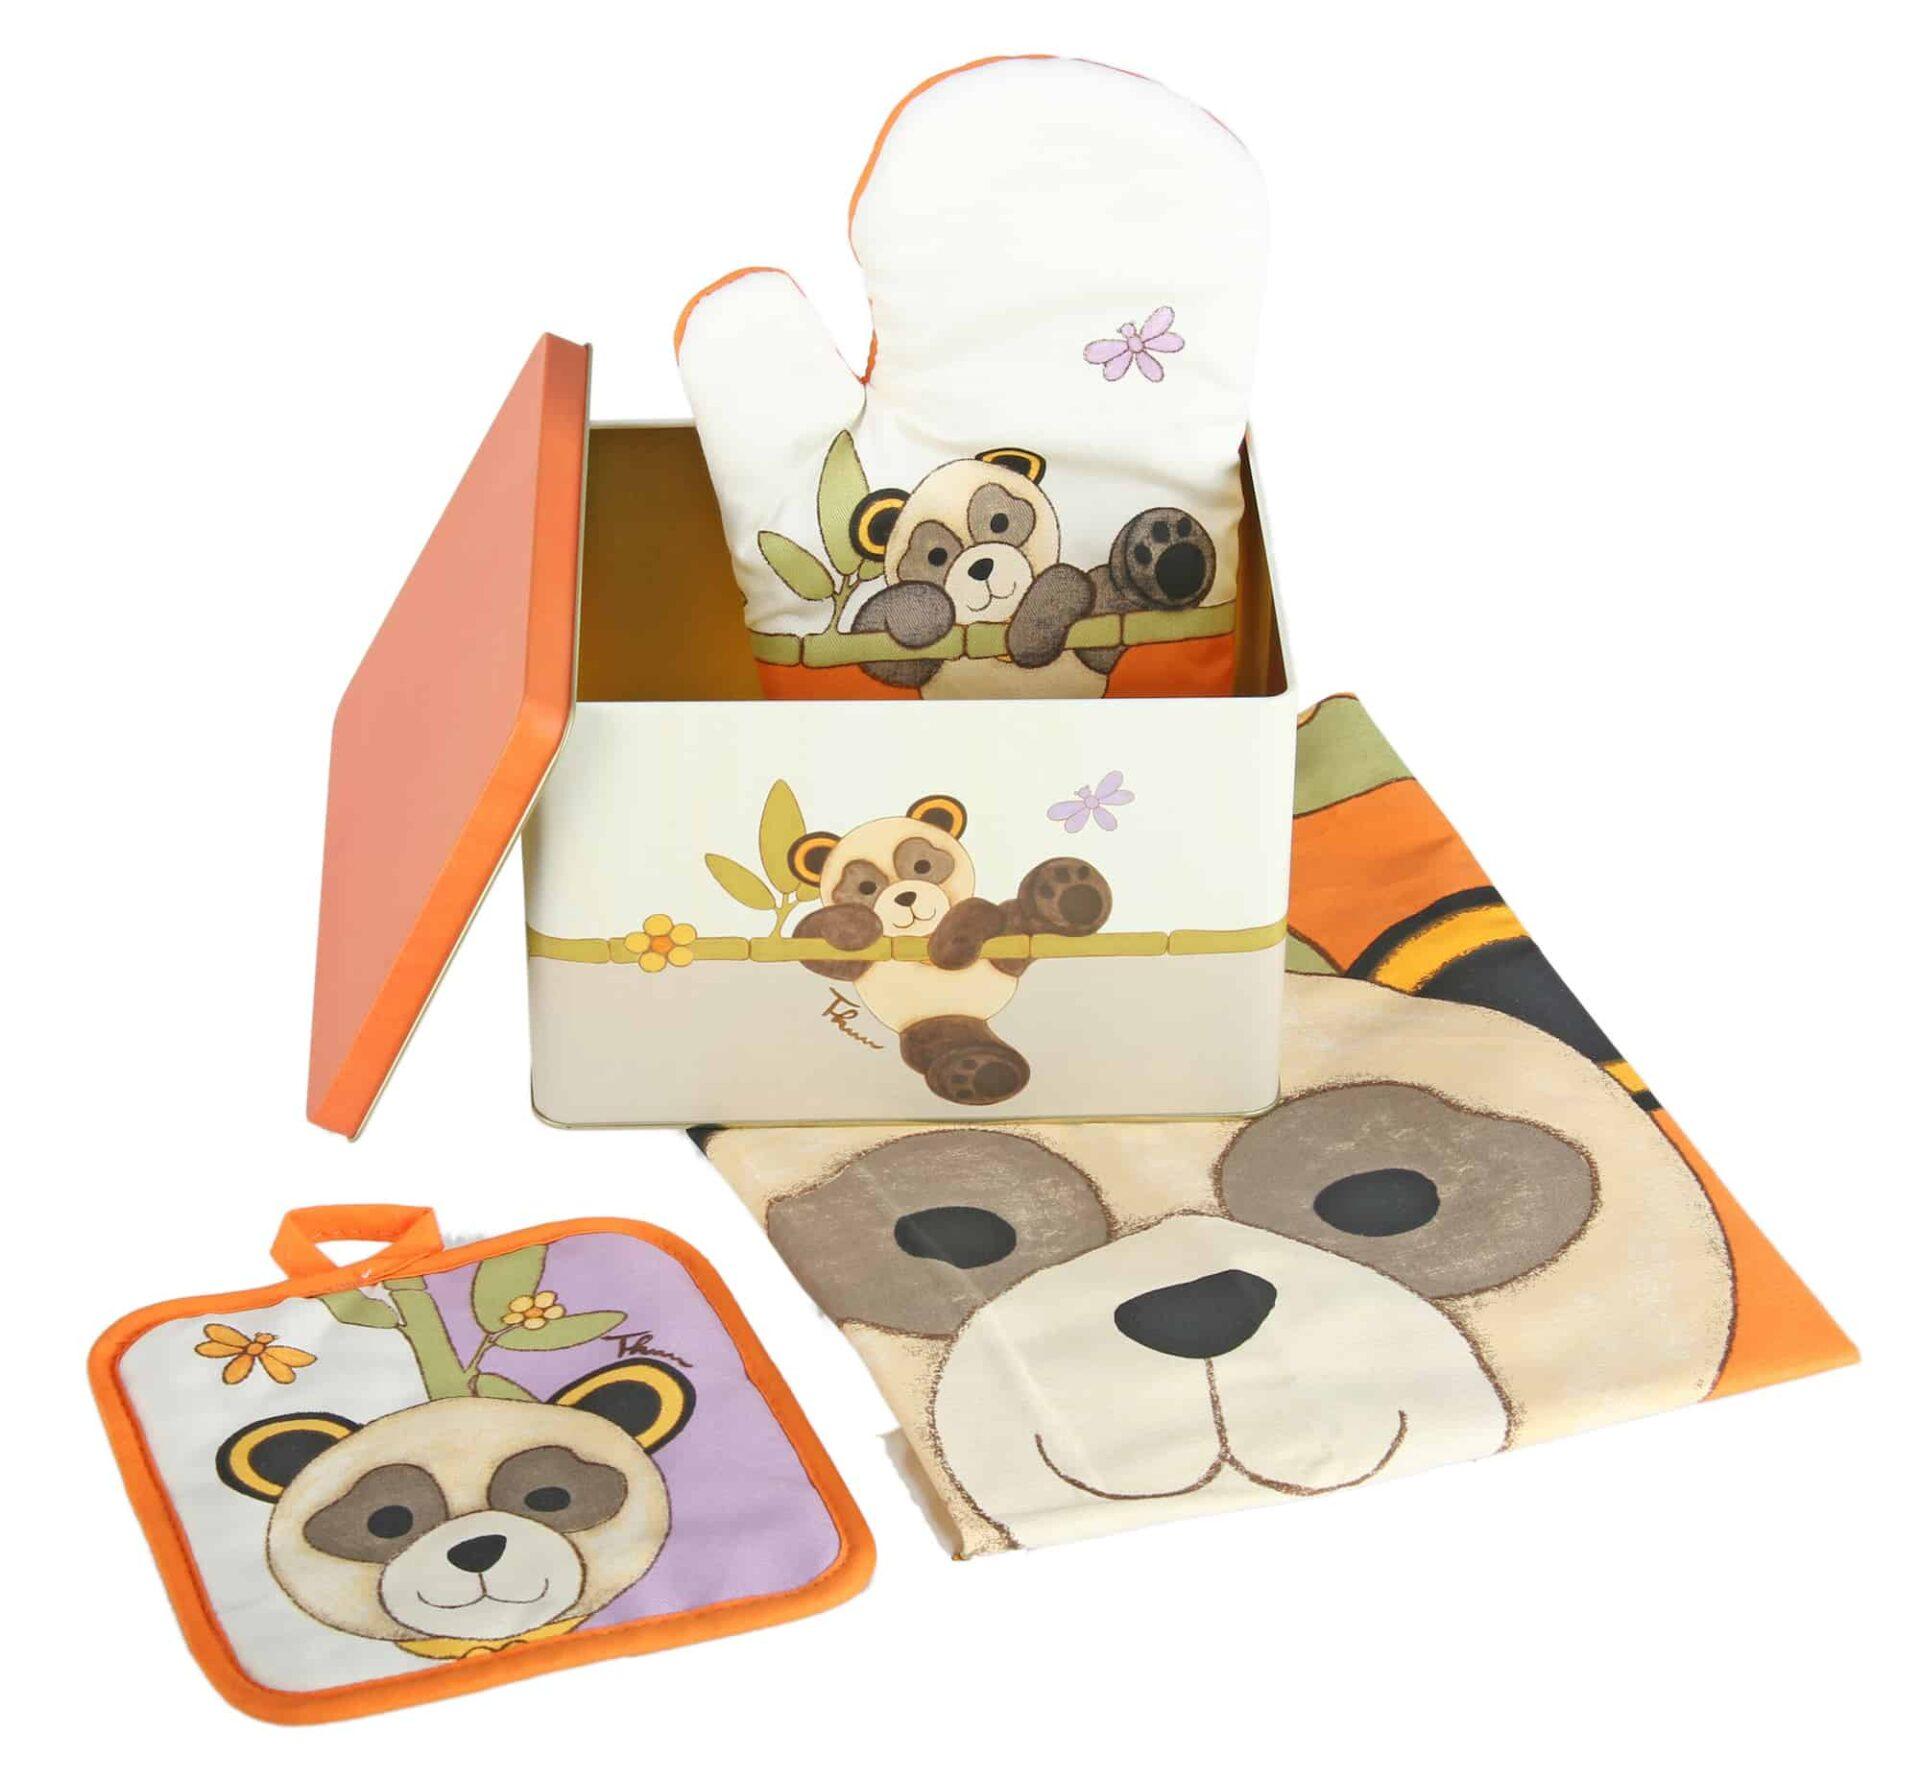 La collezione panda gi nei negozi thun scarica l 39 app - Panda thun 2017 ...